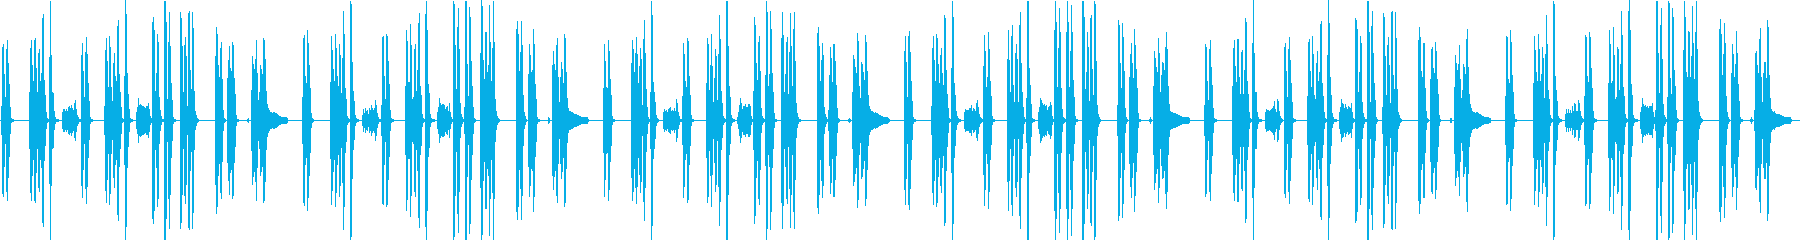 少し暗めな日常BGMクラリネットの再生済みの波形